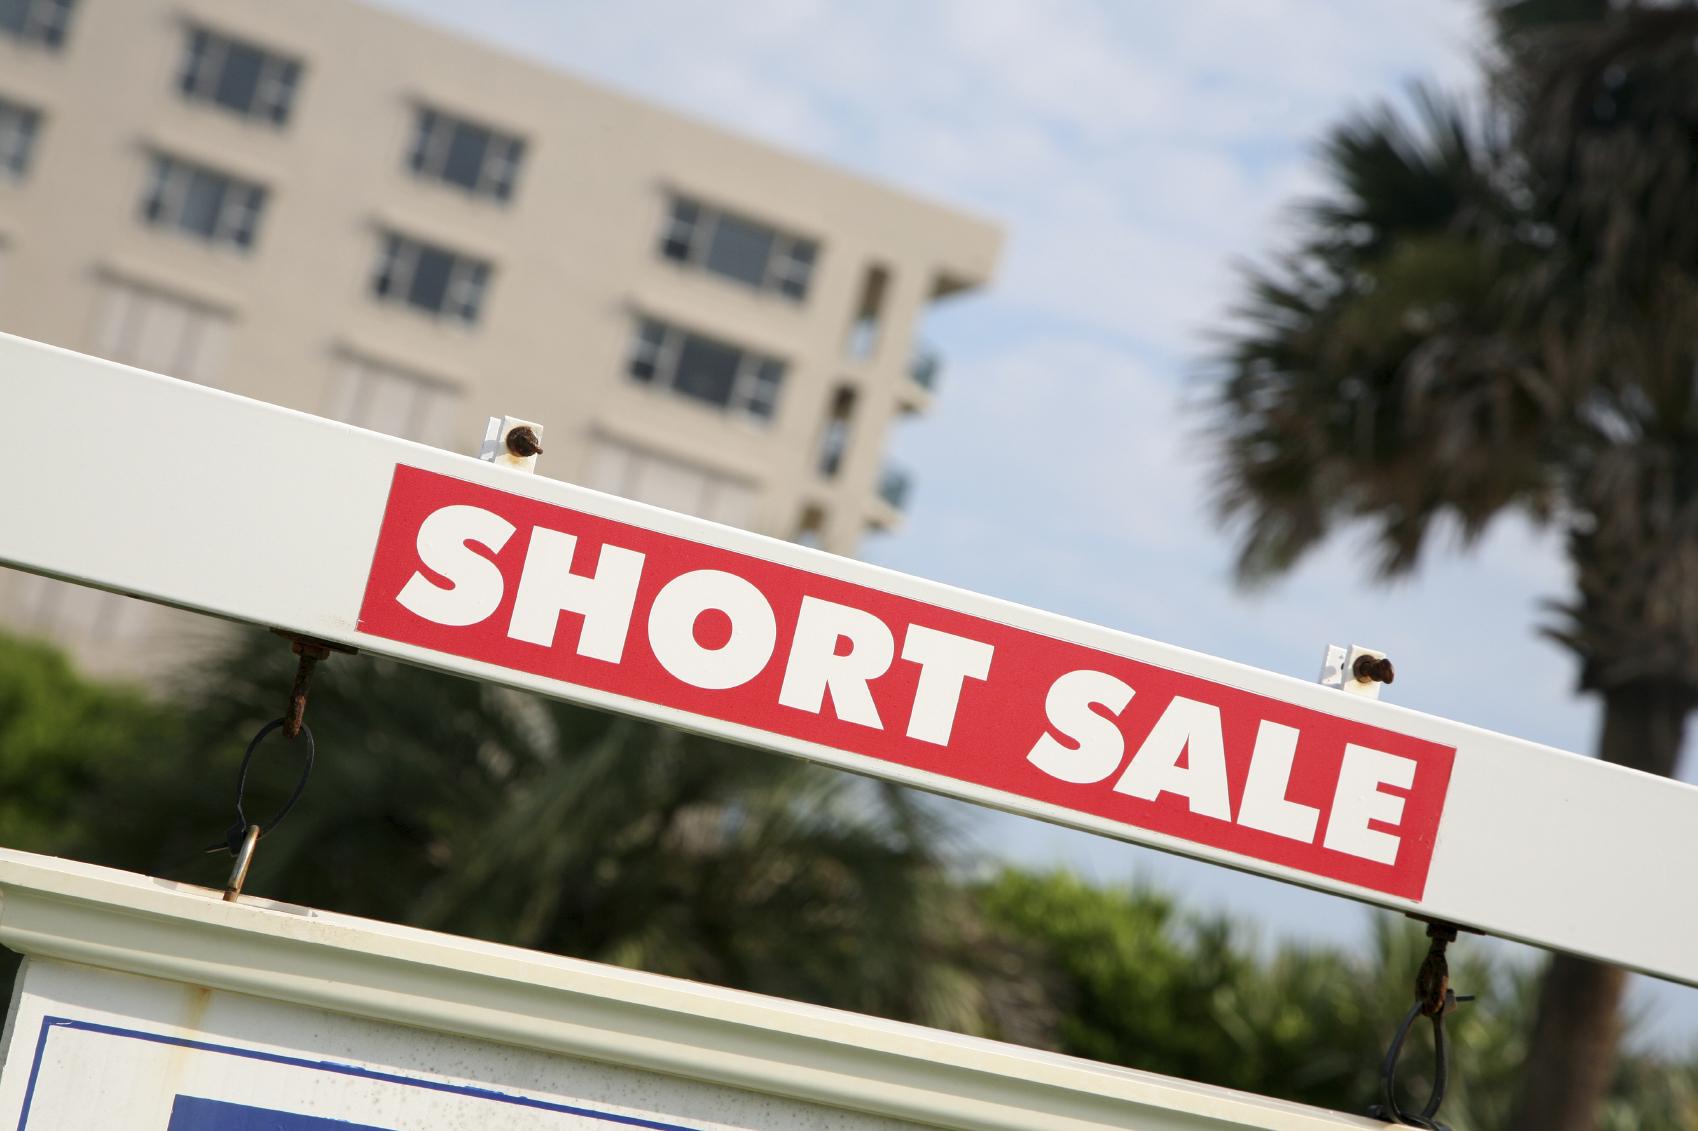 Short Sale sign photo